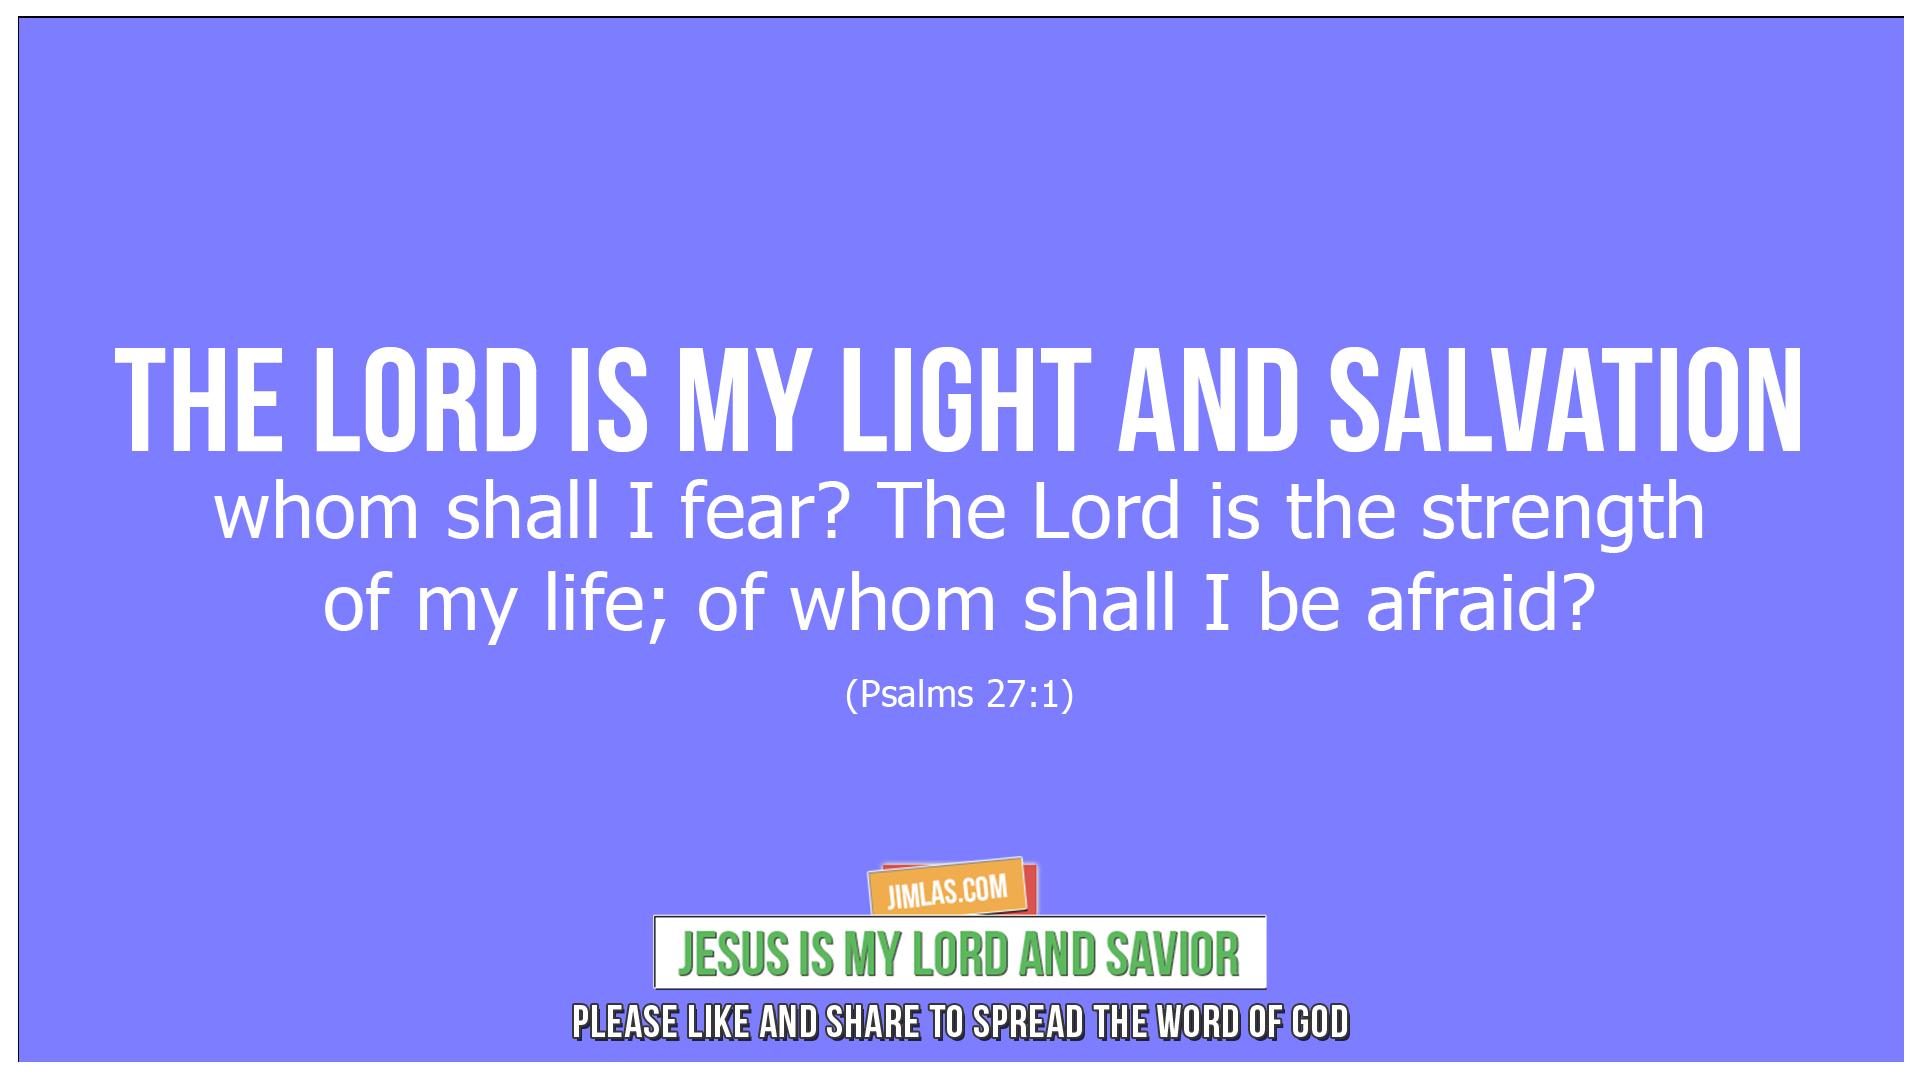 psalms 27 1, Psalms 27:1